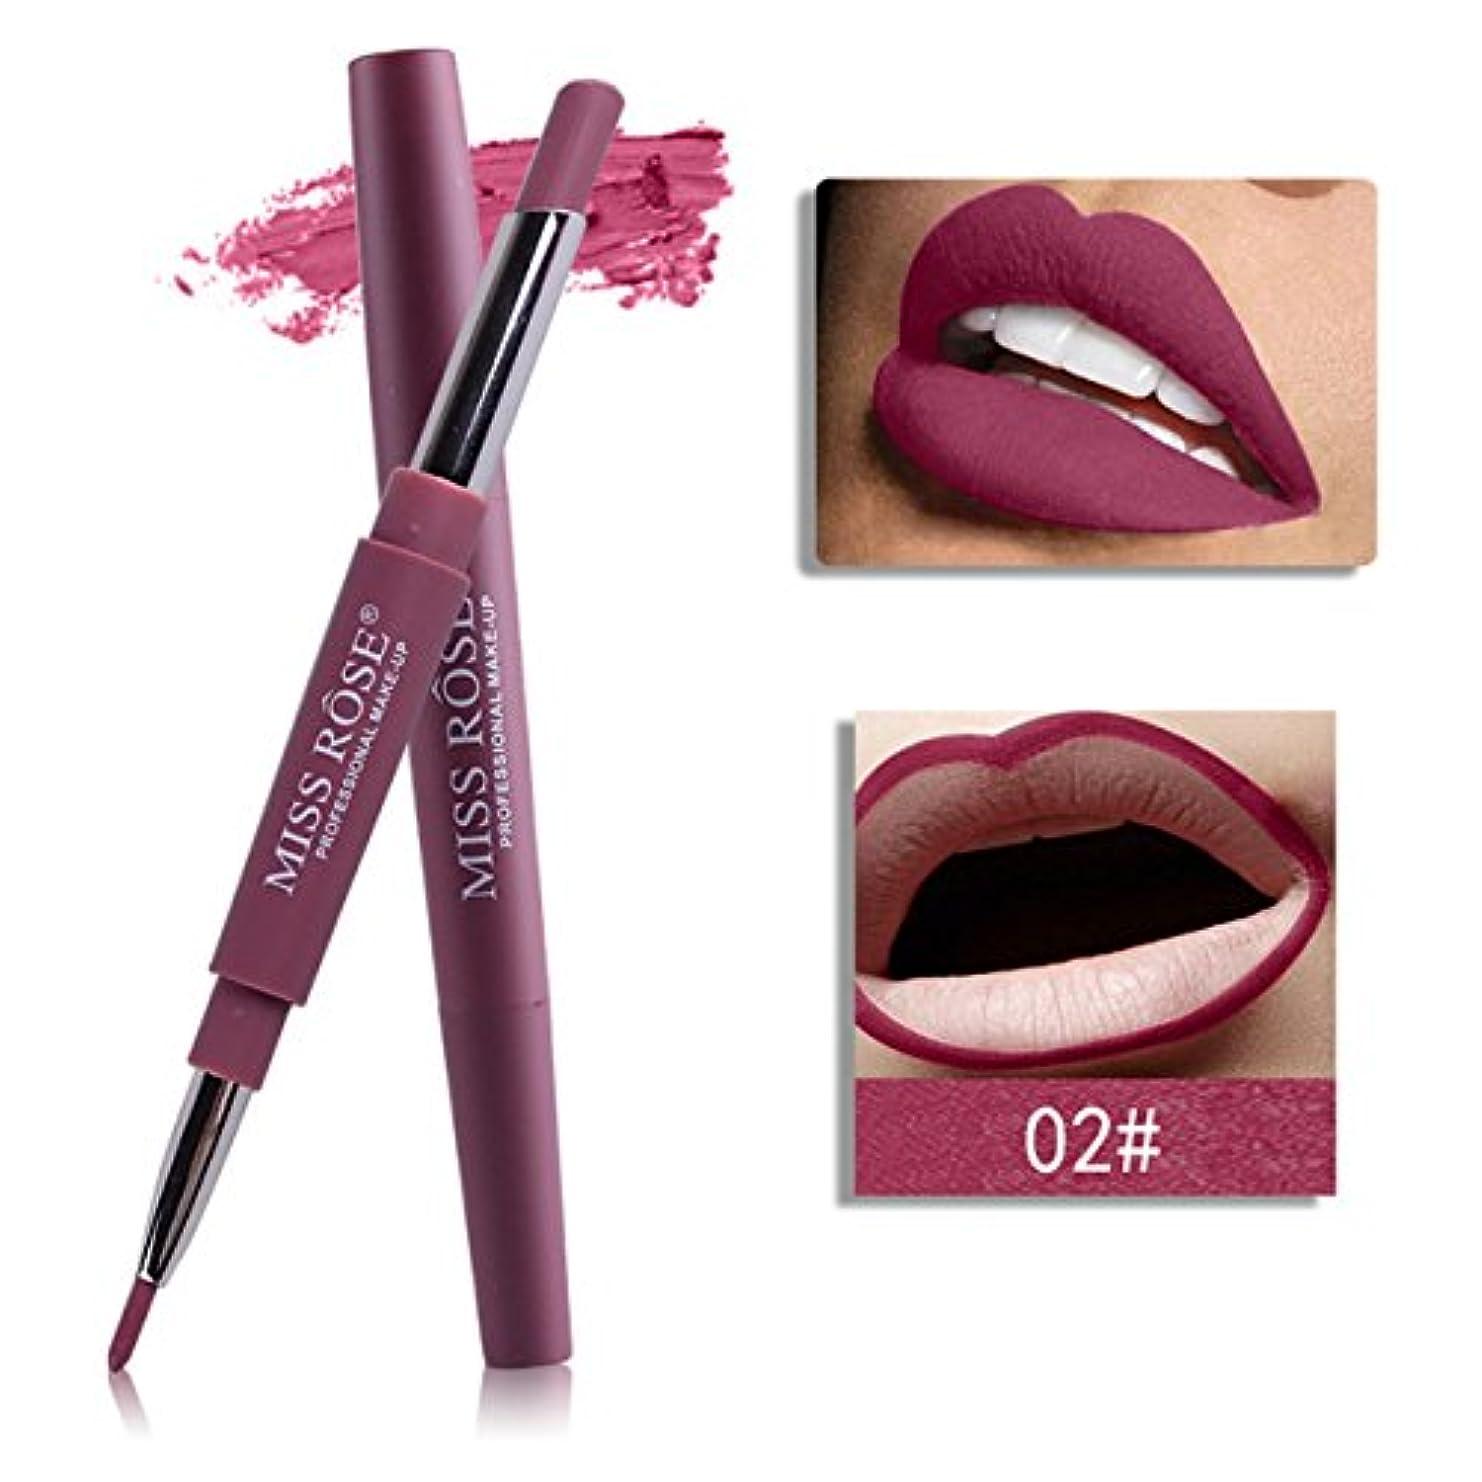 思慮深いますます強大な口紅ペン BOBOGOJP ダブルヘッド 多機能 リップライナー リップスティックペン 多色選択 リップグロス リップライナースティックペンシル 長続き 防水 リプリナー 恋する唇 メイク道具 おすすめ (B)